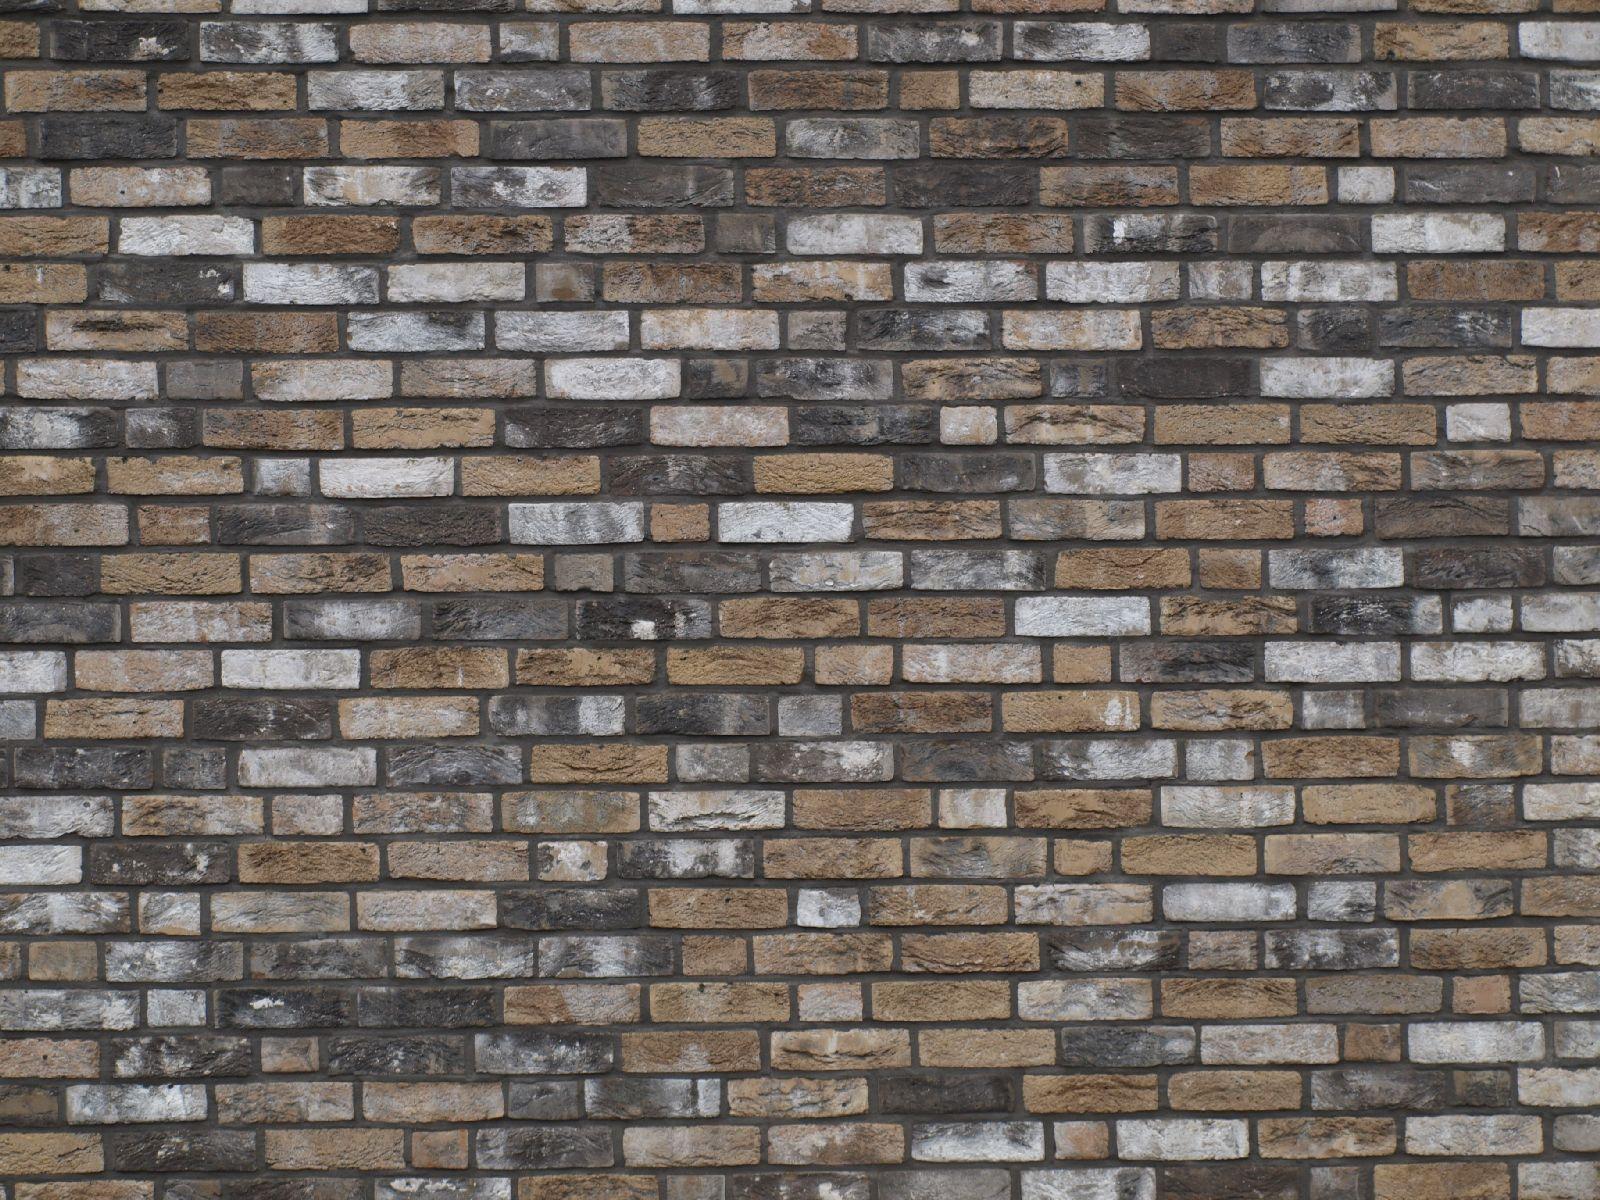 Brick_Texture_A_P2080538